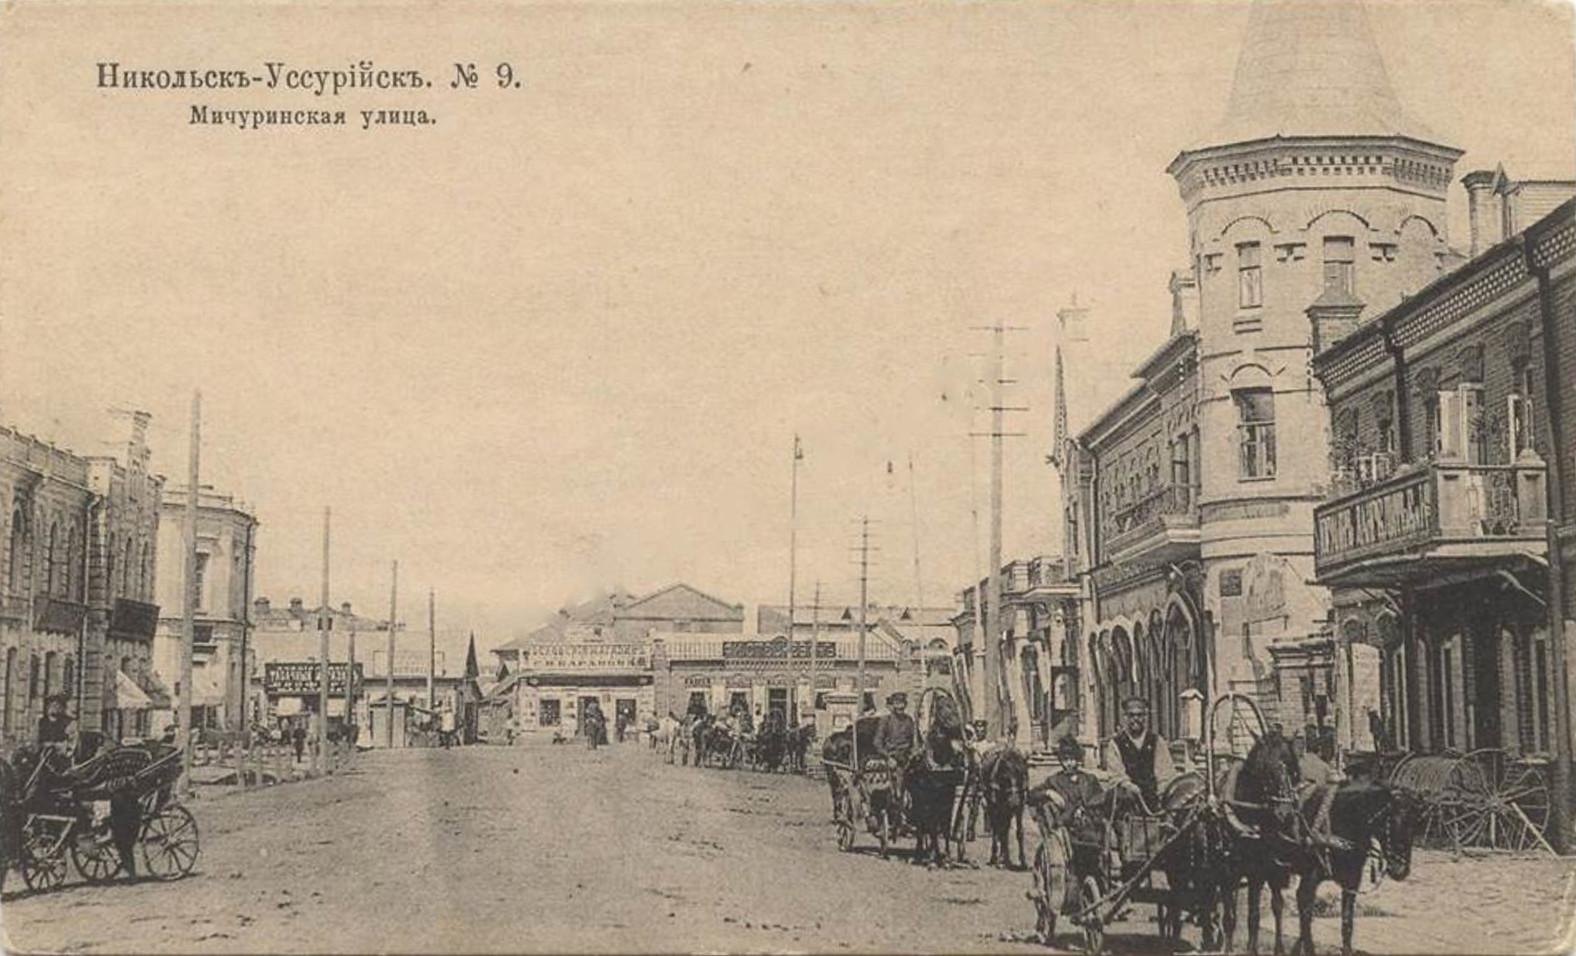 Мичуринская улица.